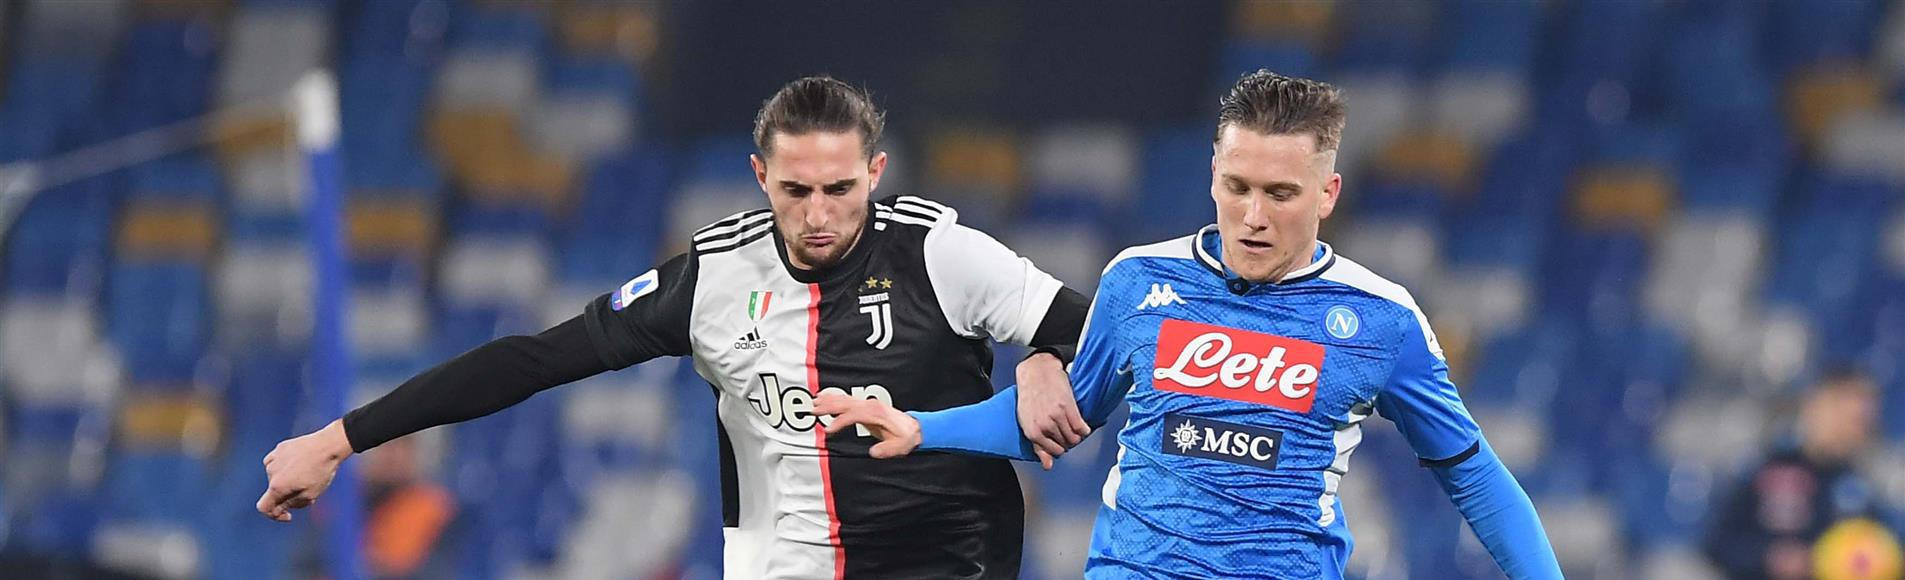 Napoli-Juventus, le formazioni ufficiali |  Sport e Vai